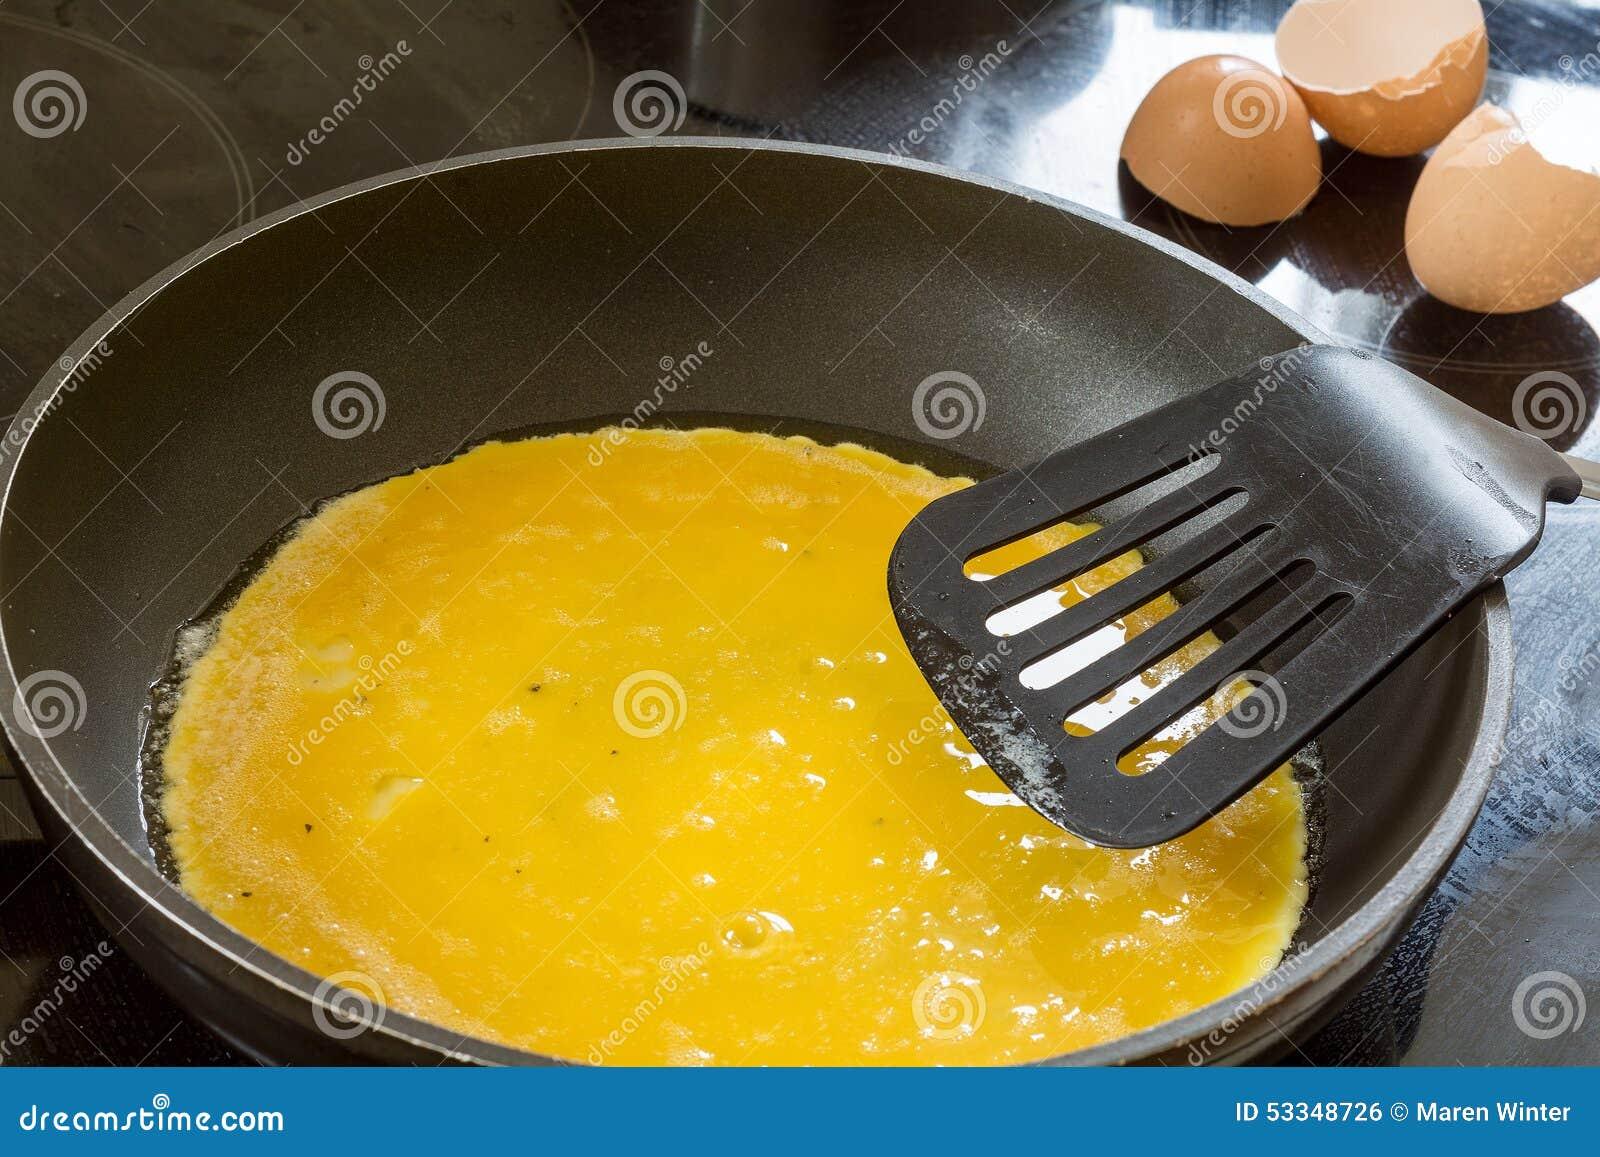 Oeuf liquide dans la casserole pour des crêpes ou des oeufs brouillés